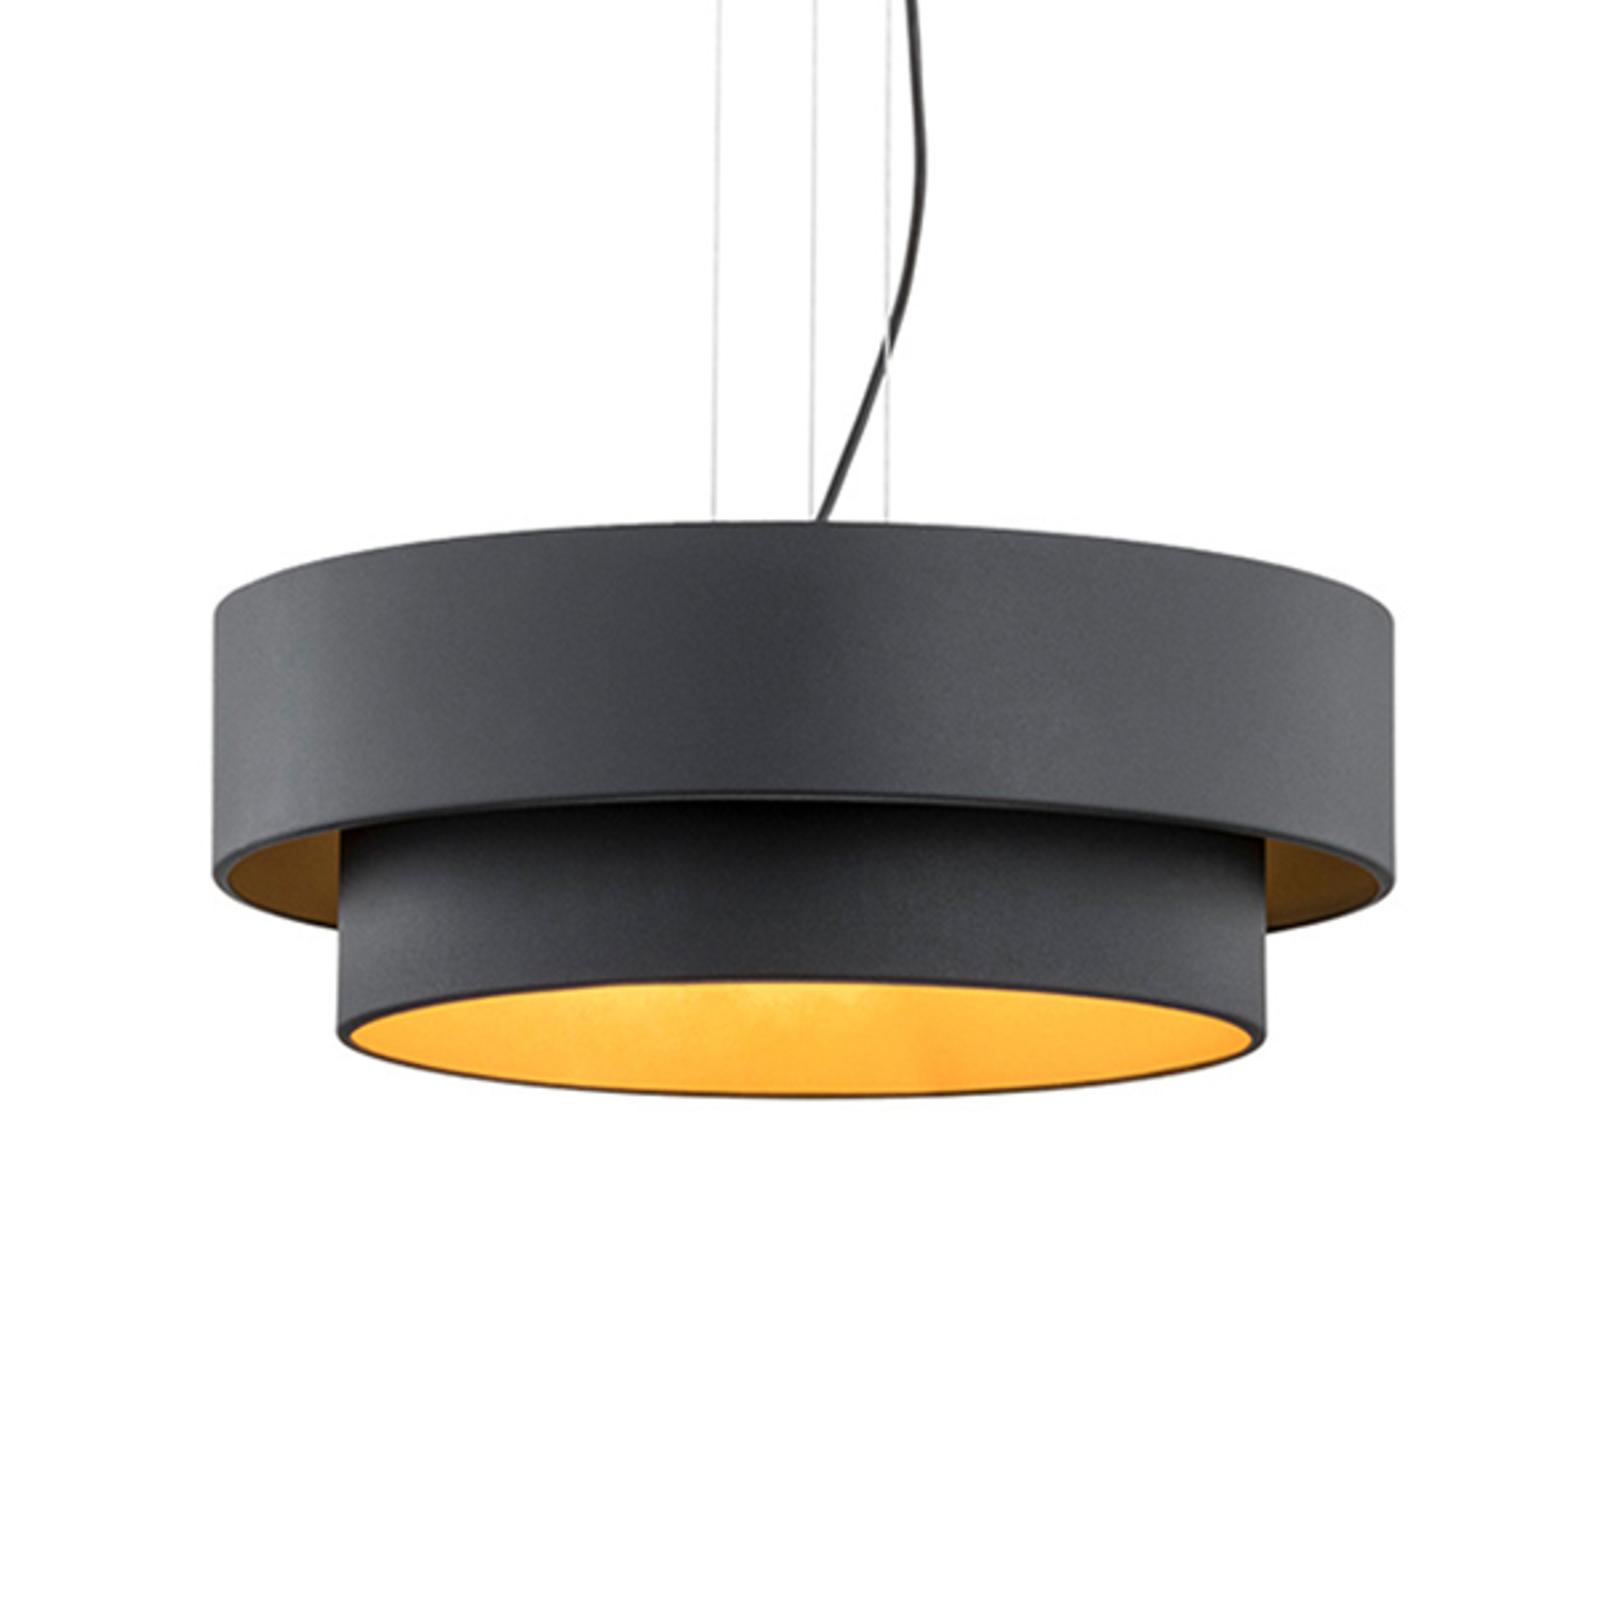 Fredik hængelampe, Ø 60 cm, sort/guld